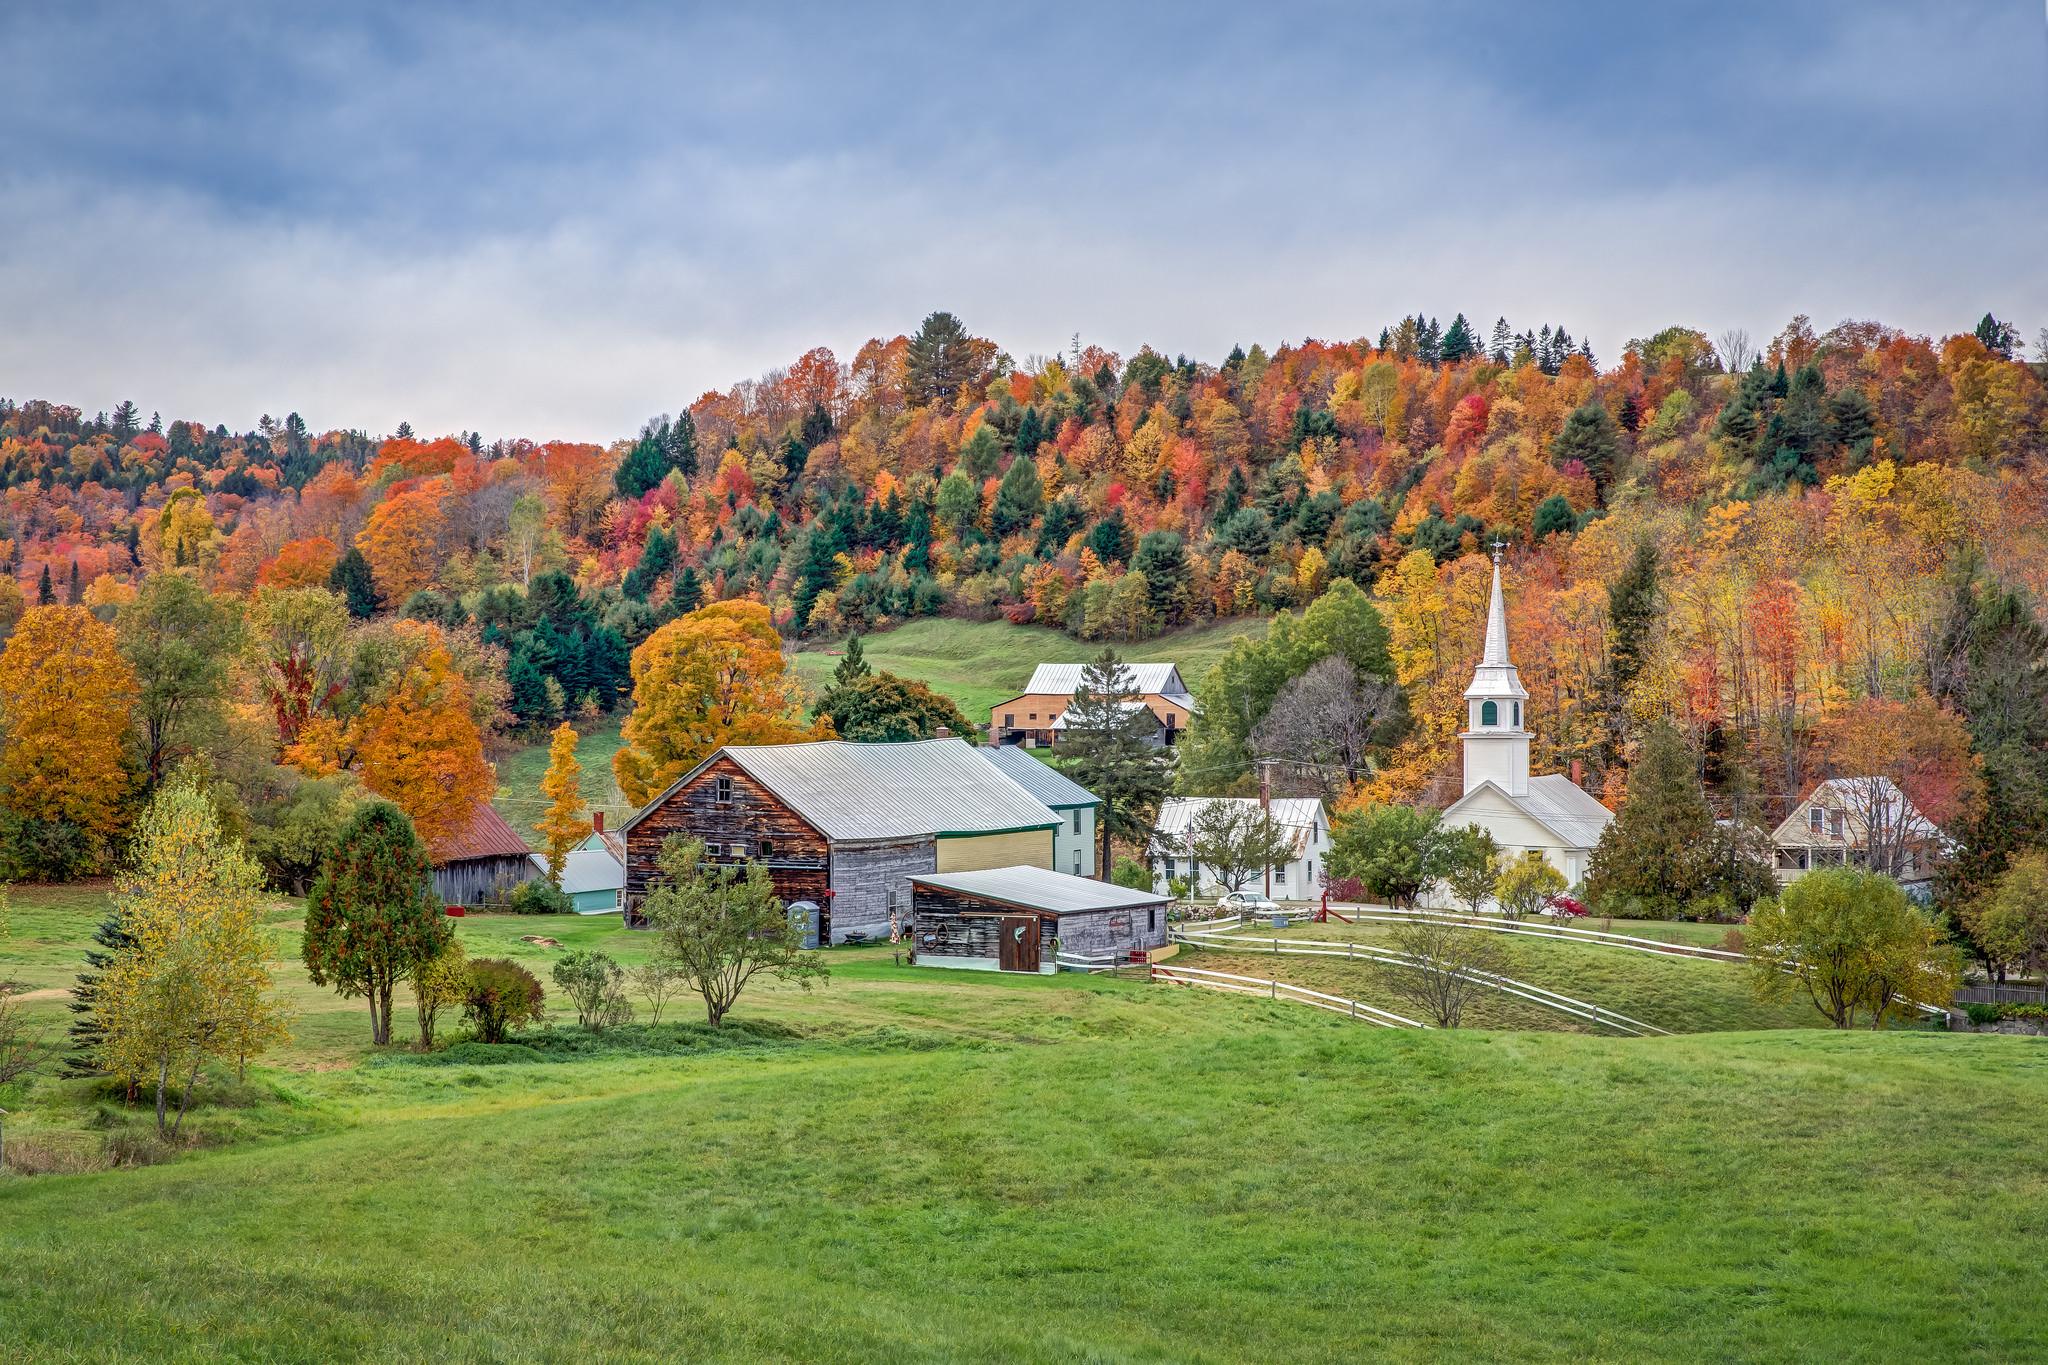 обои New England, Vermont поля, дома, деревья картинки фото